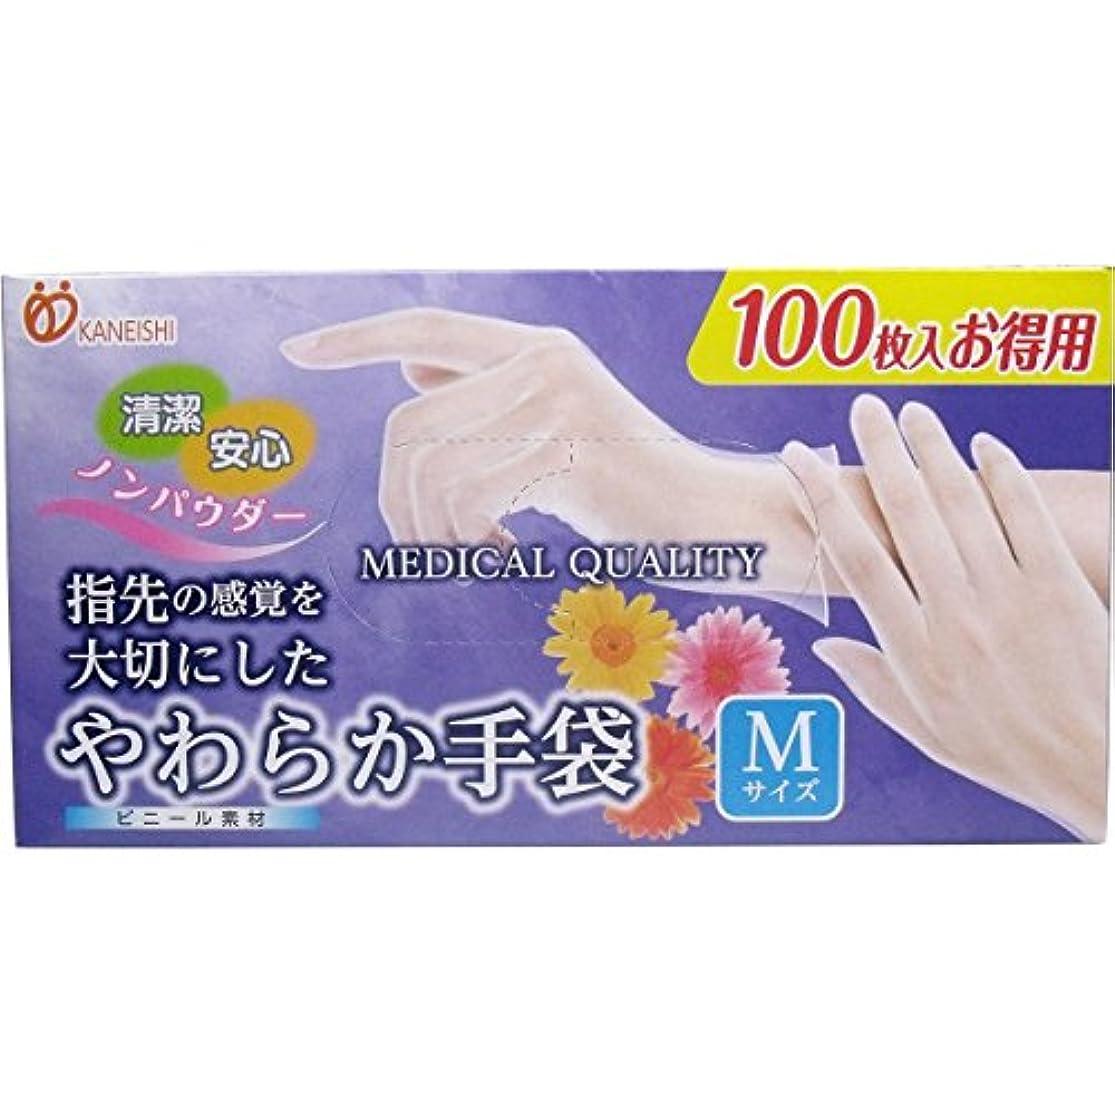 コンプライアンス入学するびっくりしたやわらか手袋 ビニール素材 Mサイズ 100枚入x6